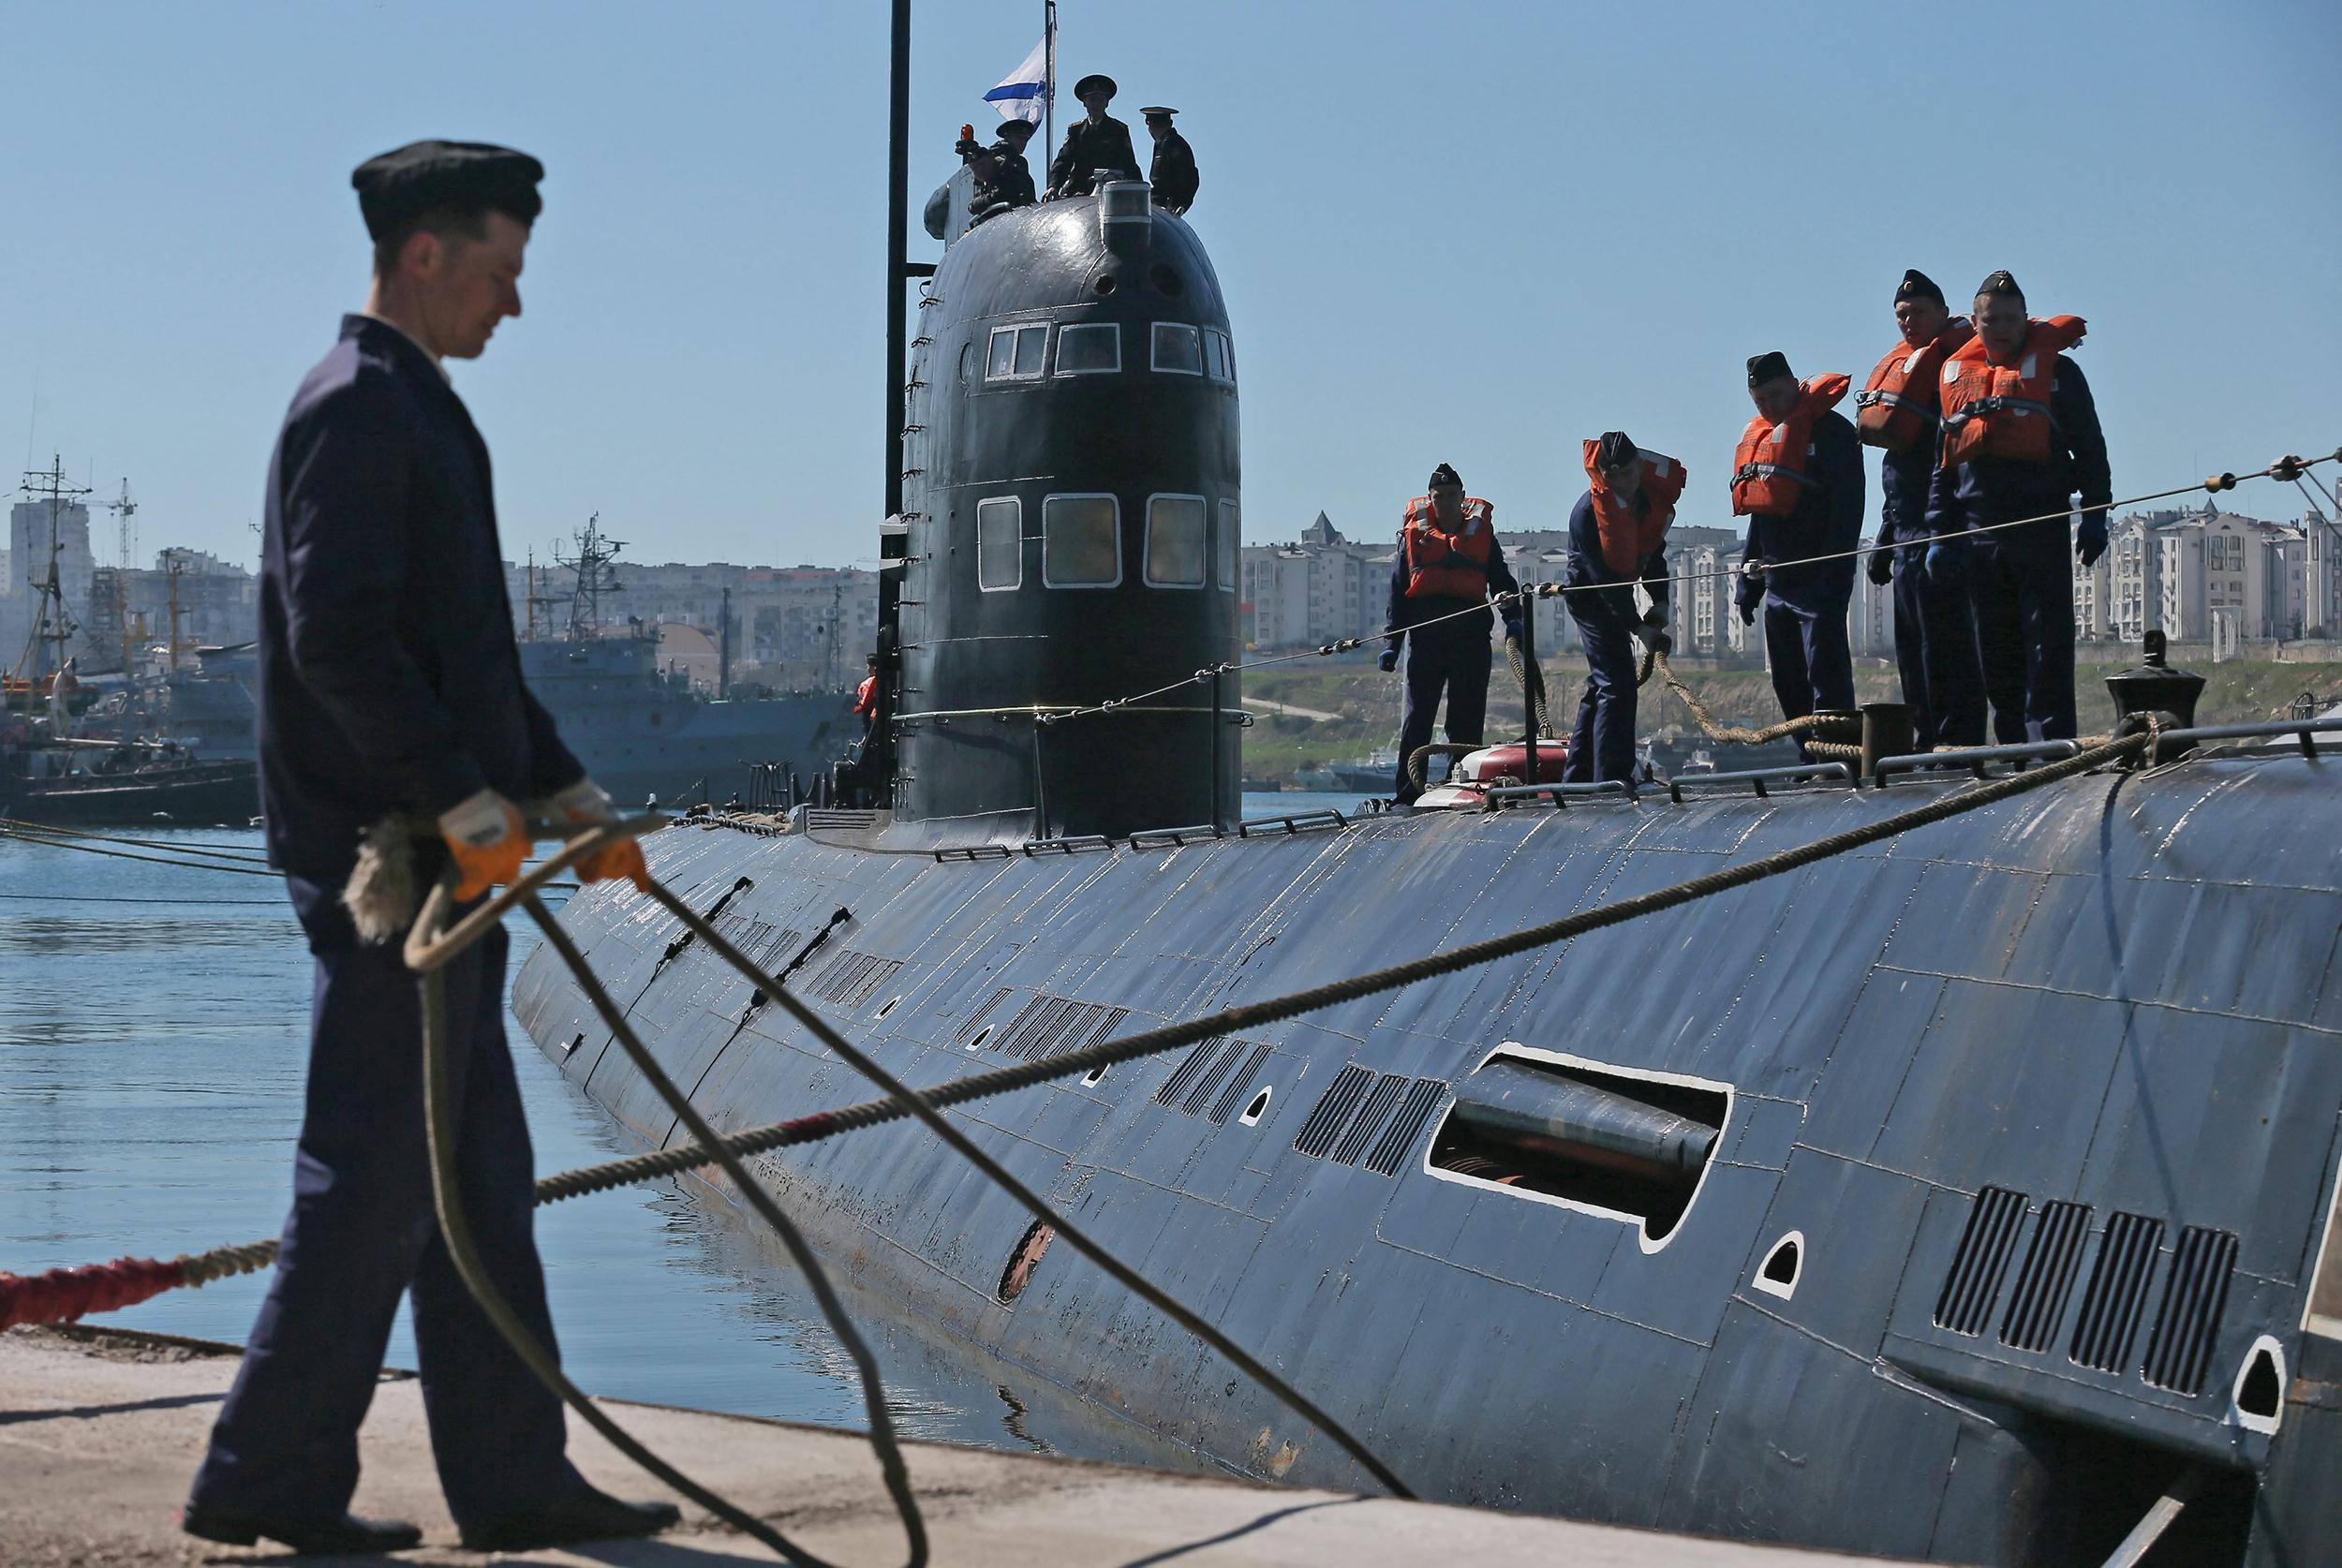 на подводной лодке несет службу кто профессия